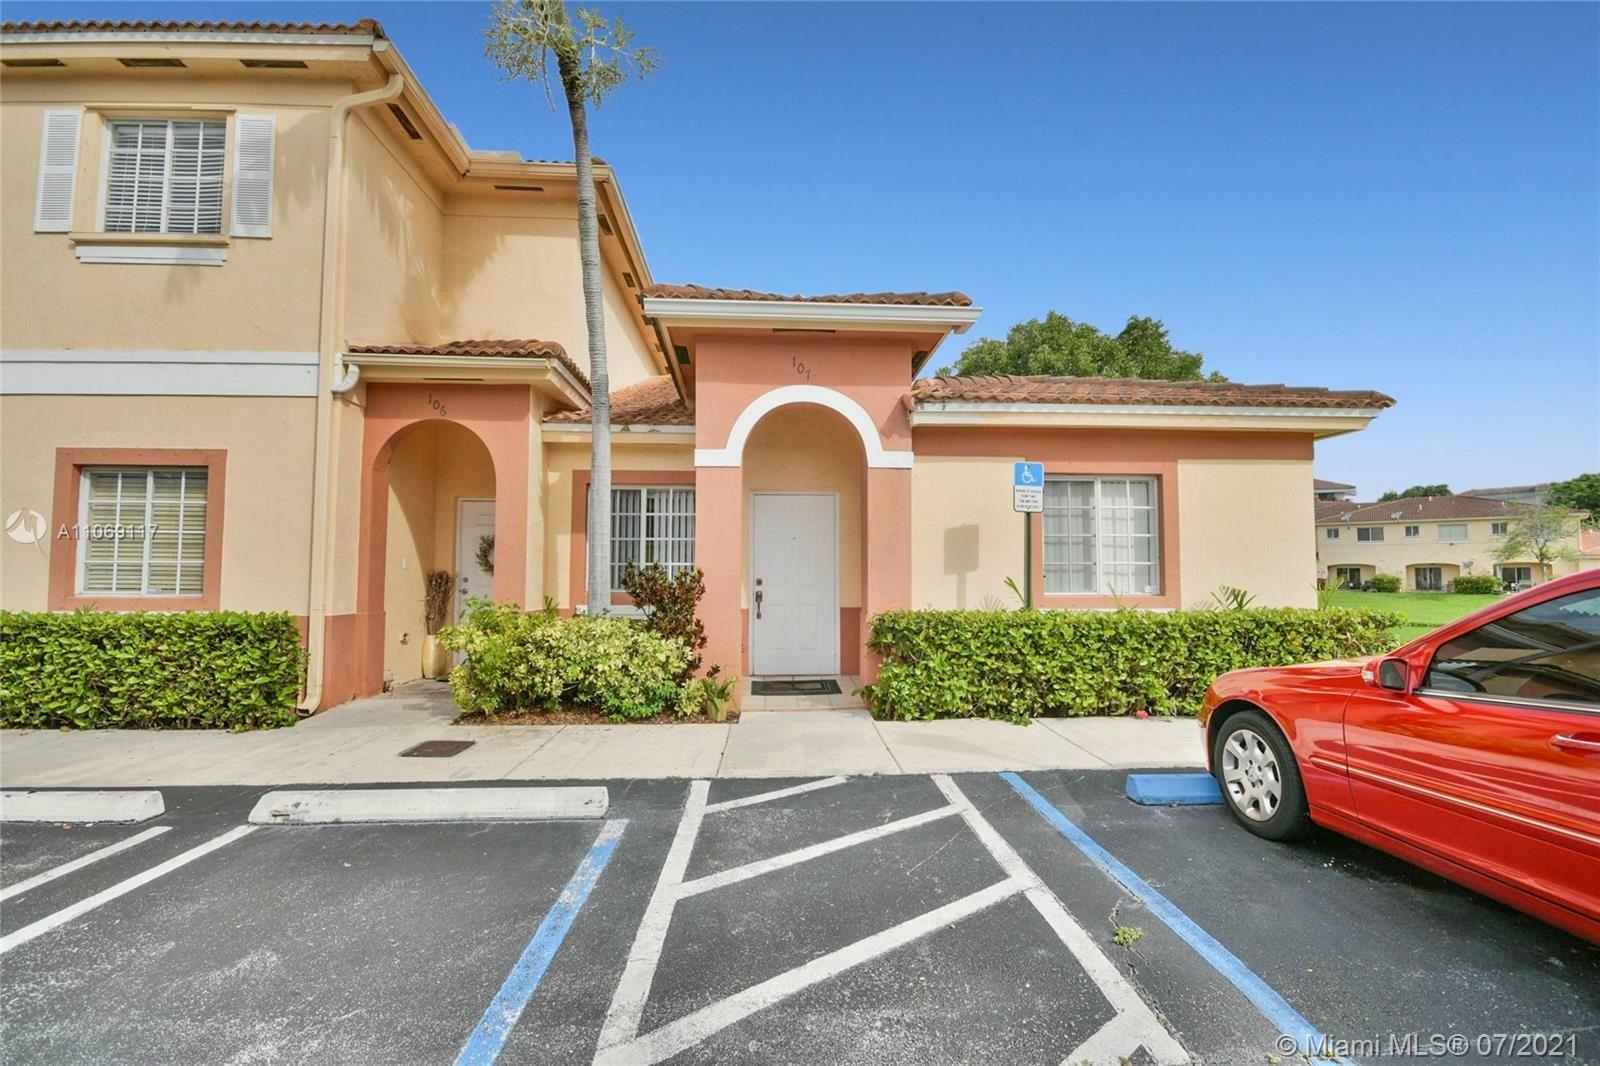 8410 SW 150th Avenue #7, Miami, FL 33193 - #: A11069117